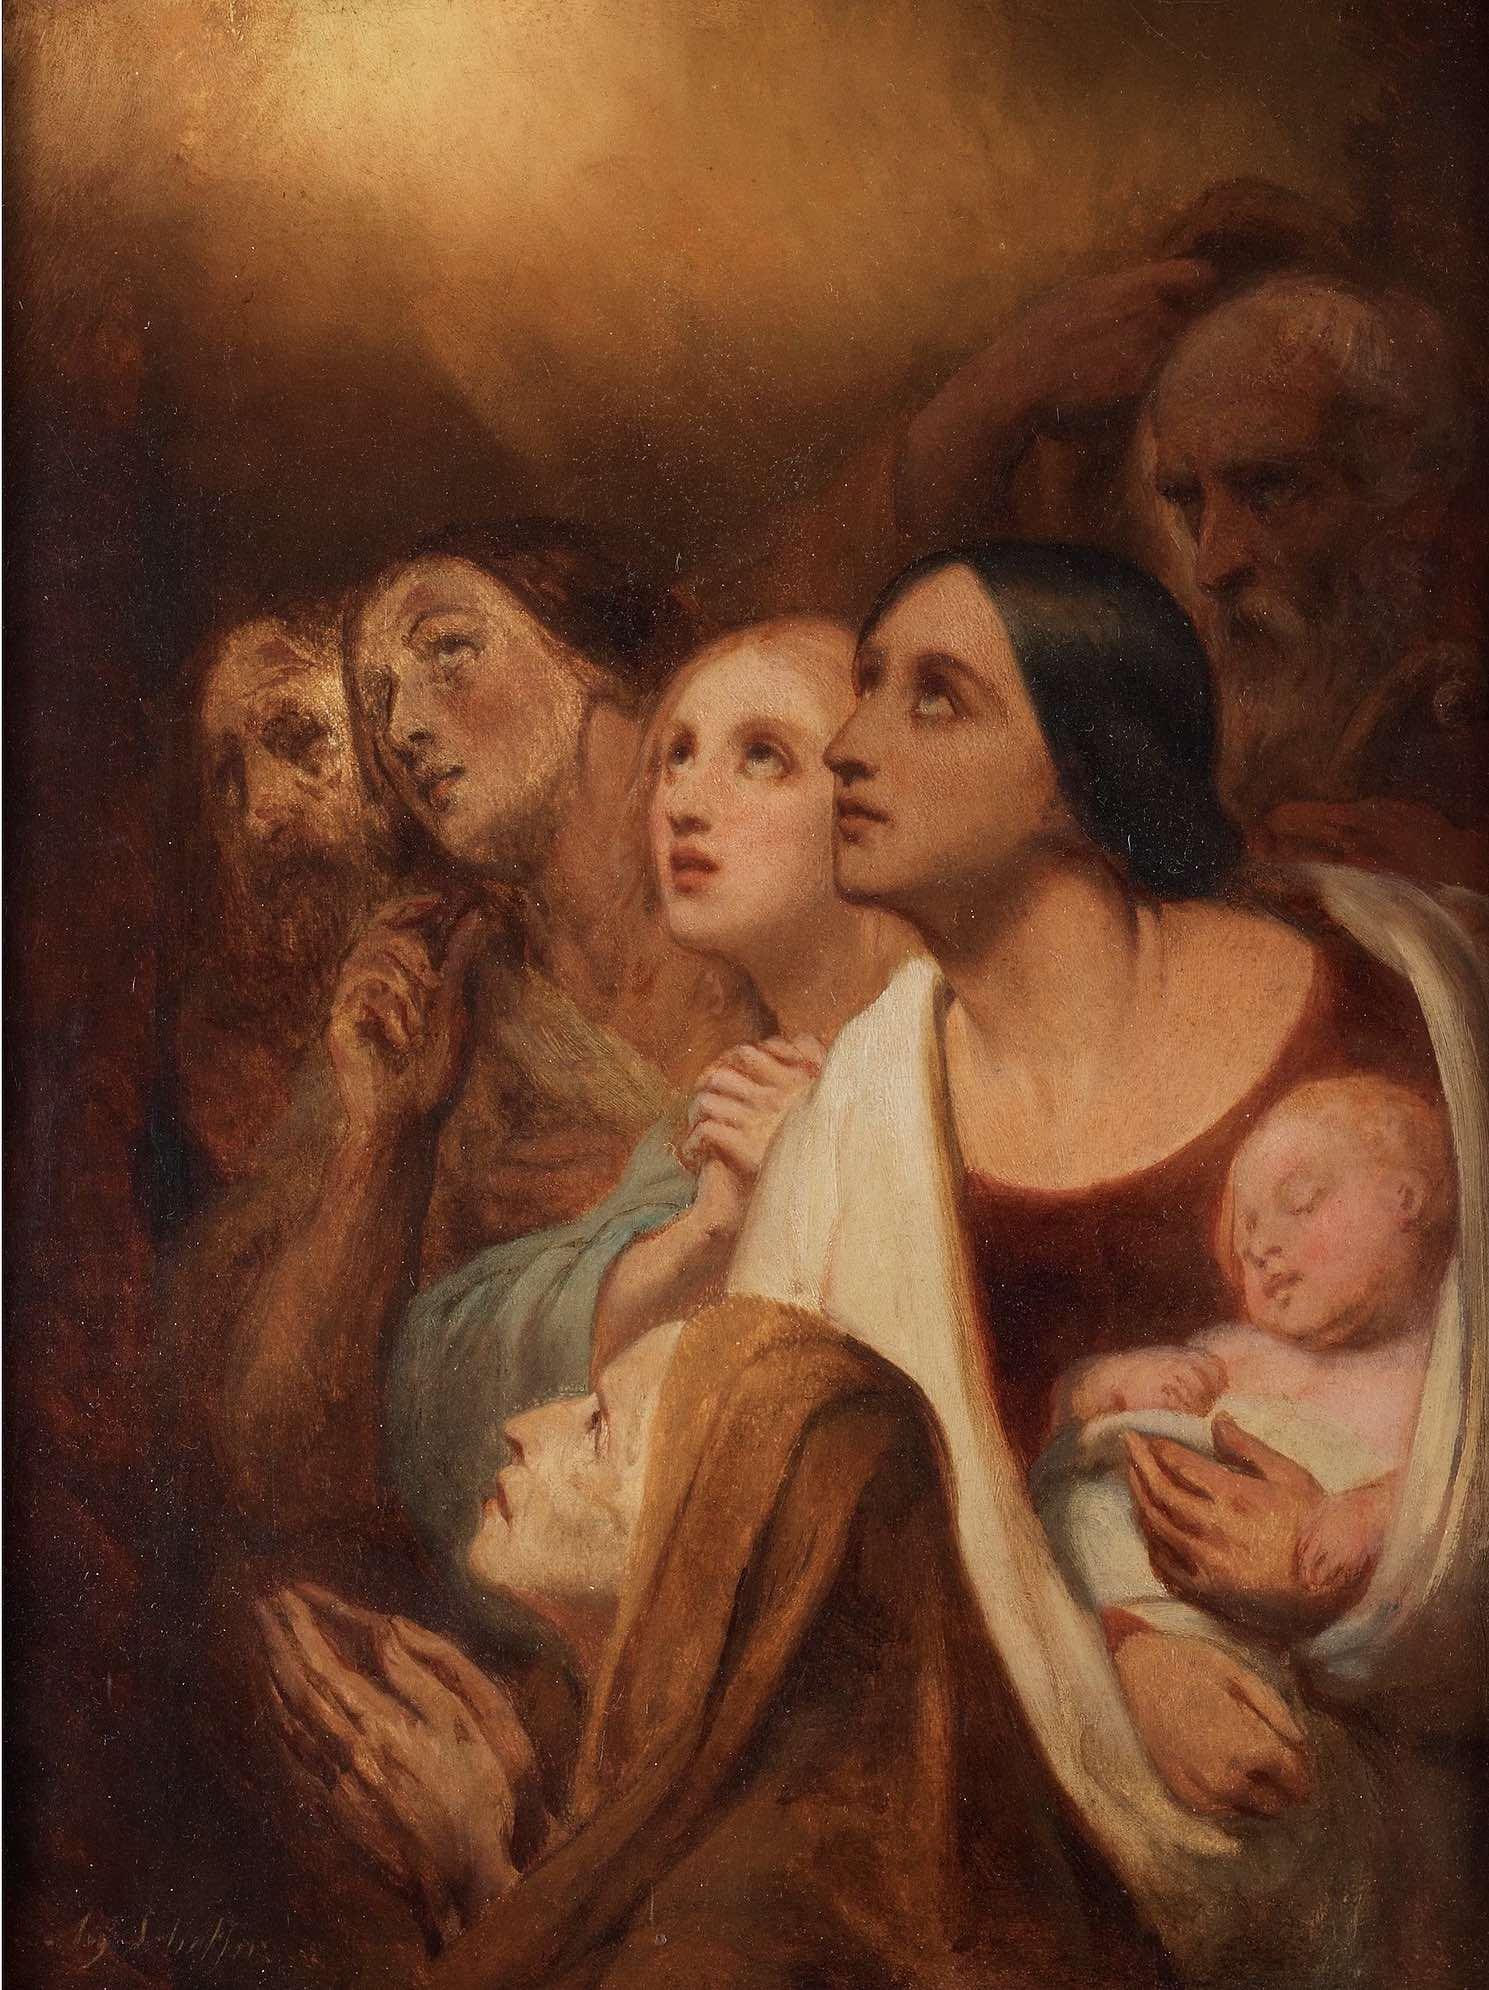 Ary Scheffer L'Annonce aux bergers Musee de la Vie Romantique Paris, 34,5 x 24 cm